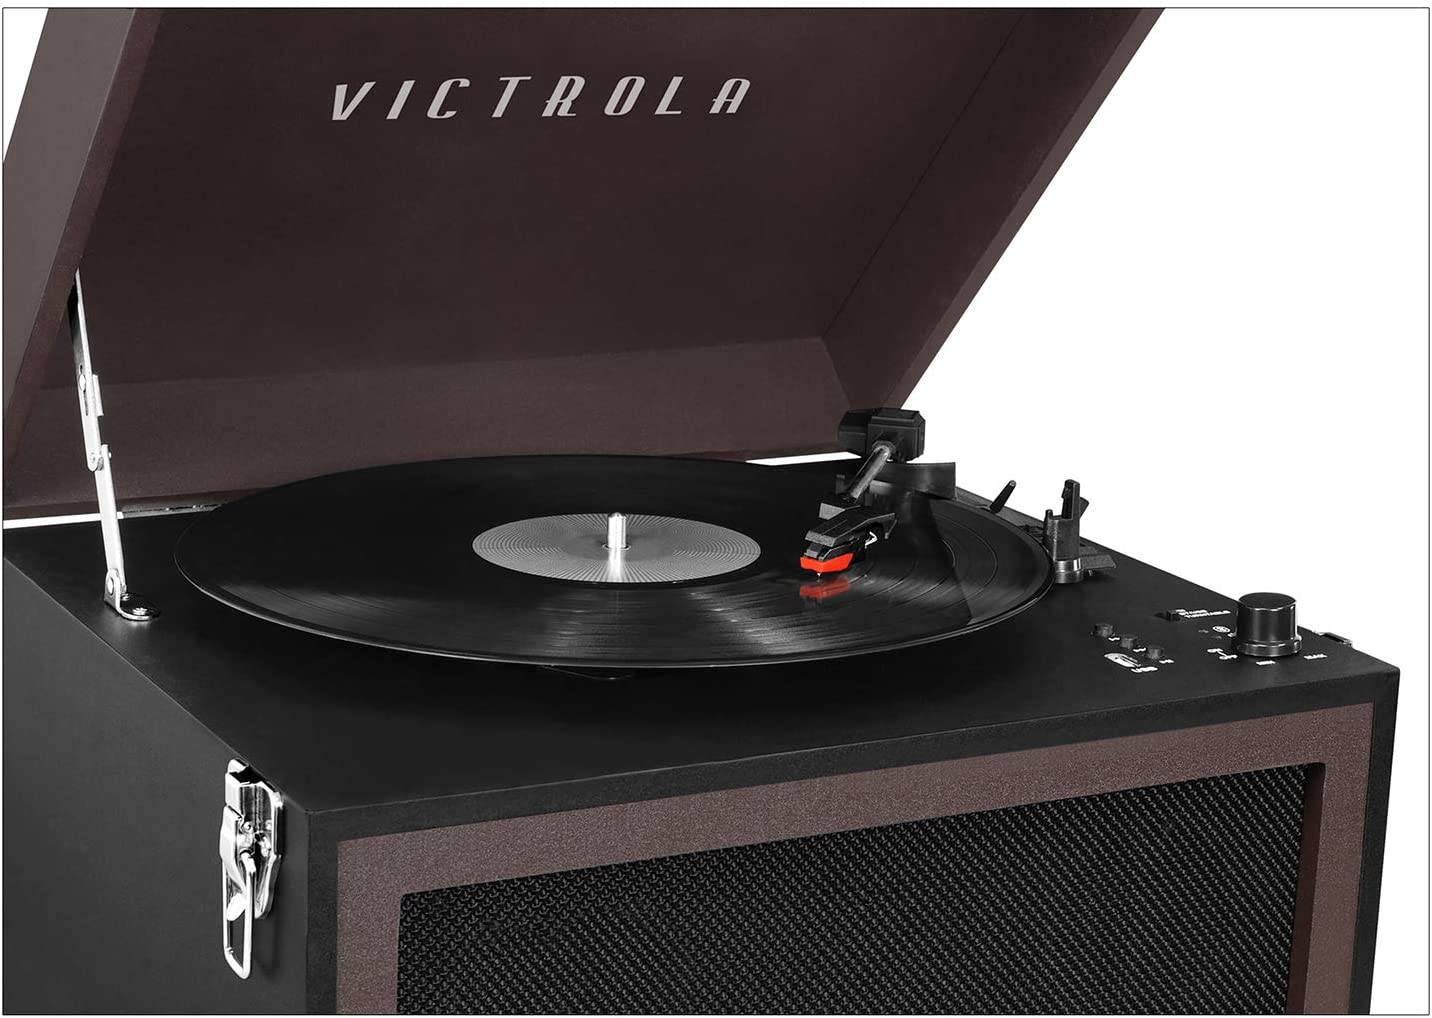 Amazon.com: Victrola - Soporte para reproductor de música ...